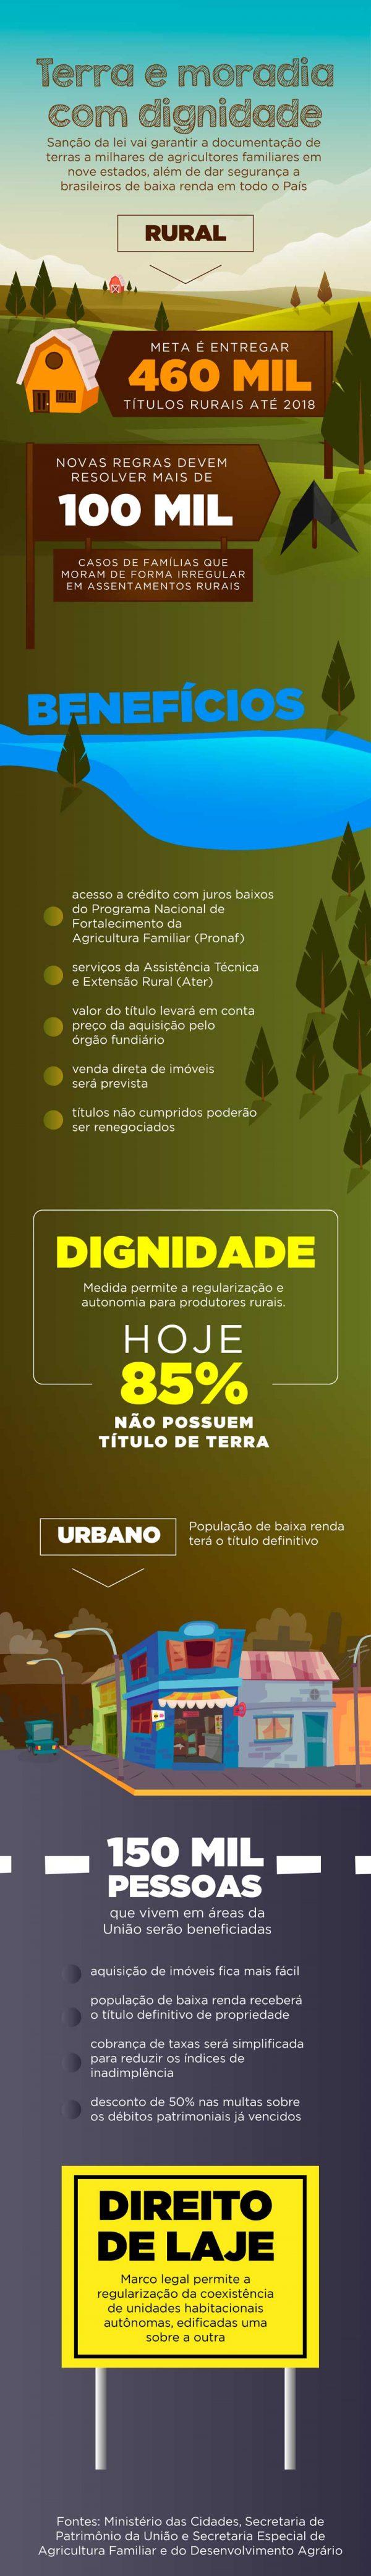 info-terra-e-moradia-com-dignidade-01-(2)